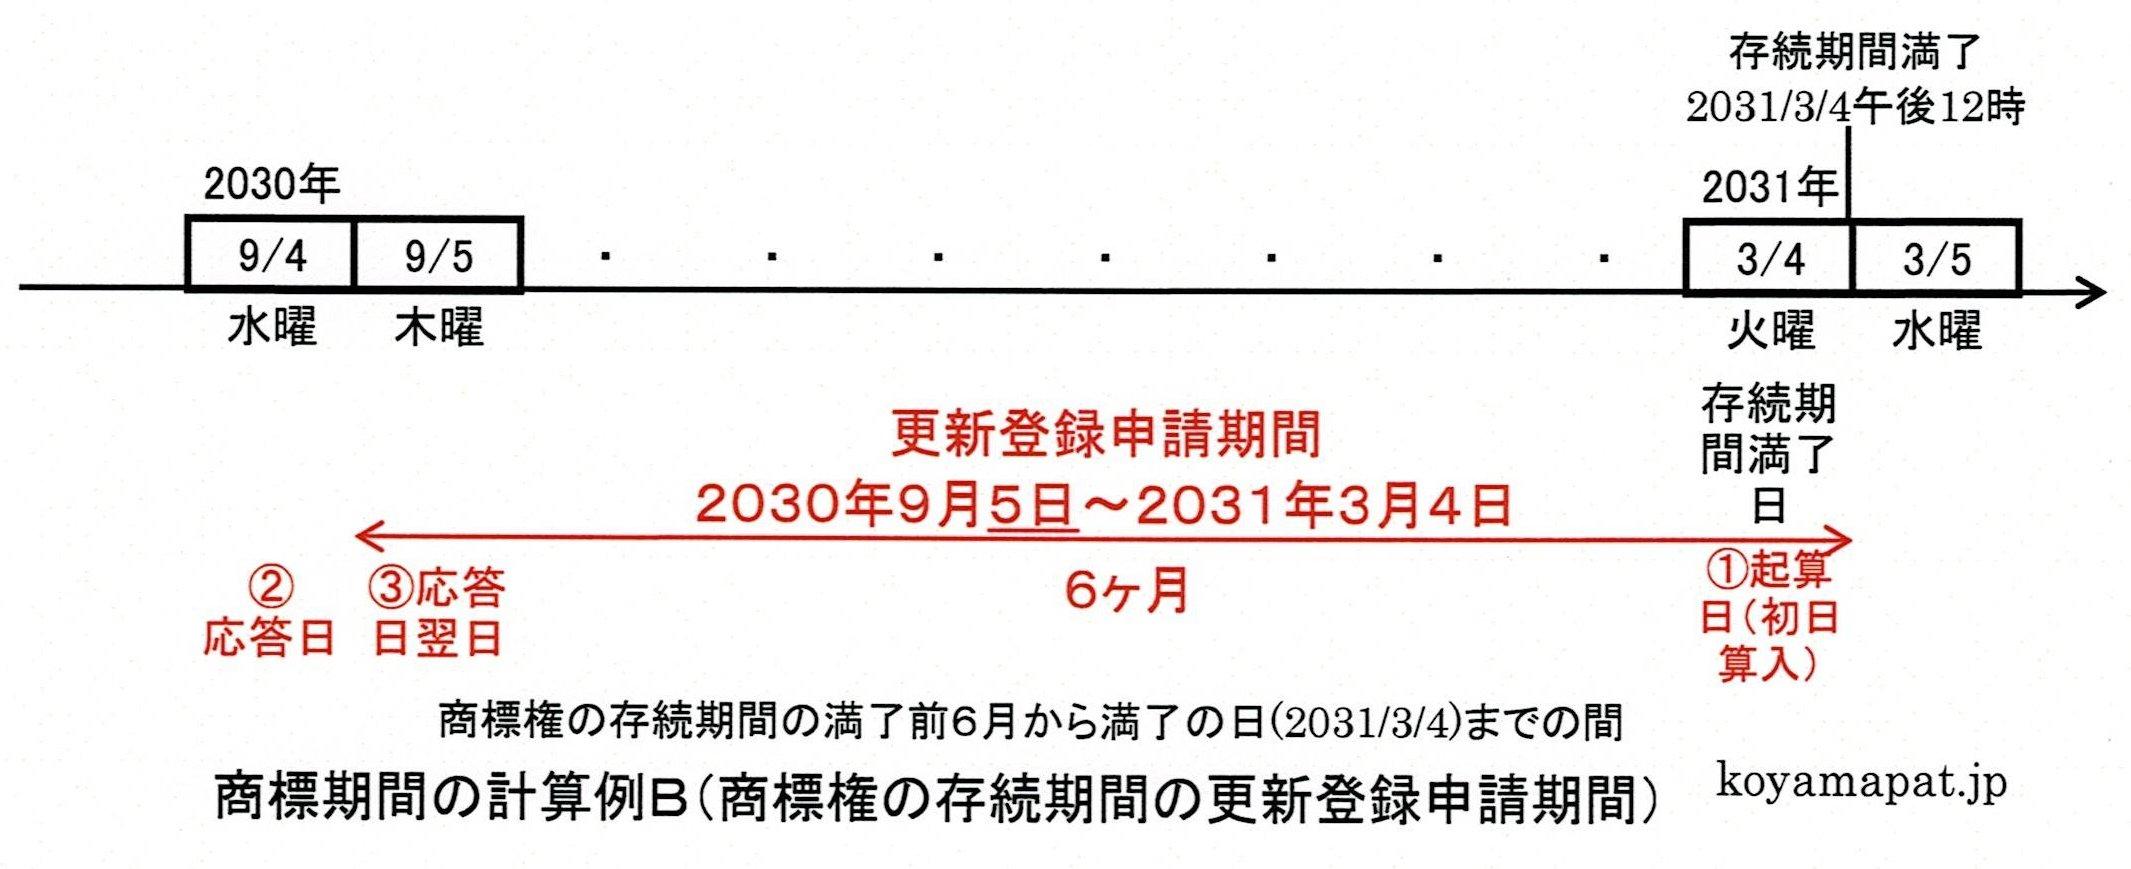 商標期間の計算例B(商標権の存続期間の更新登録申請期間):存続期間満了前6月から満了日までの間